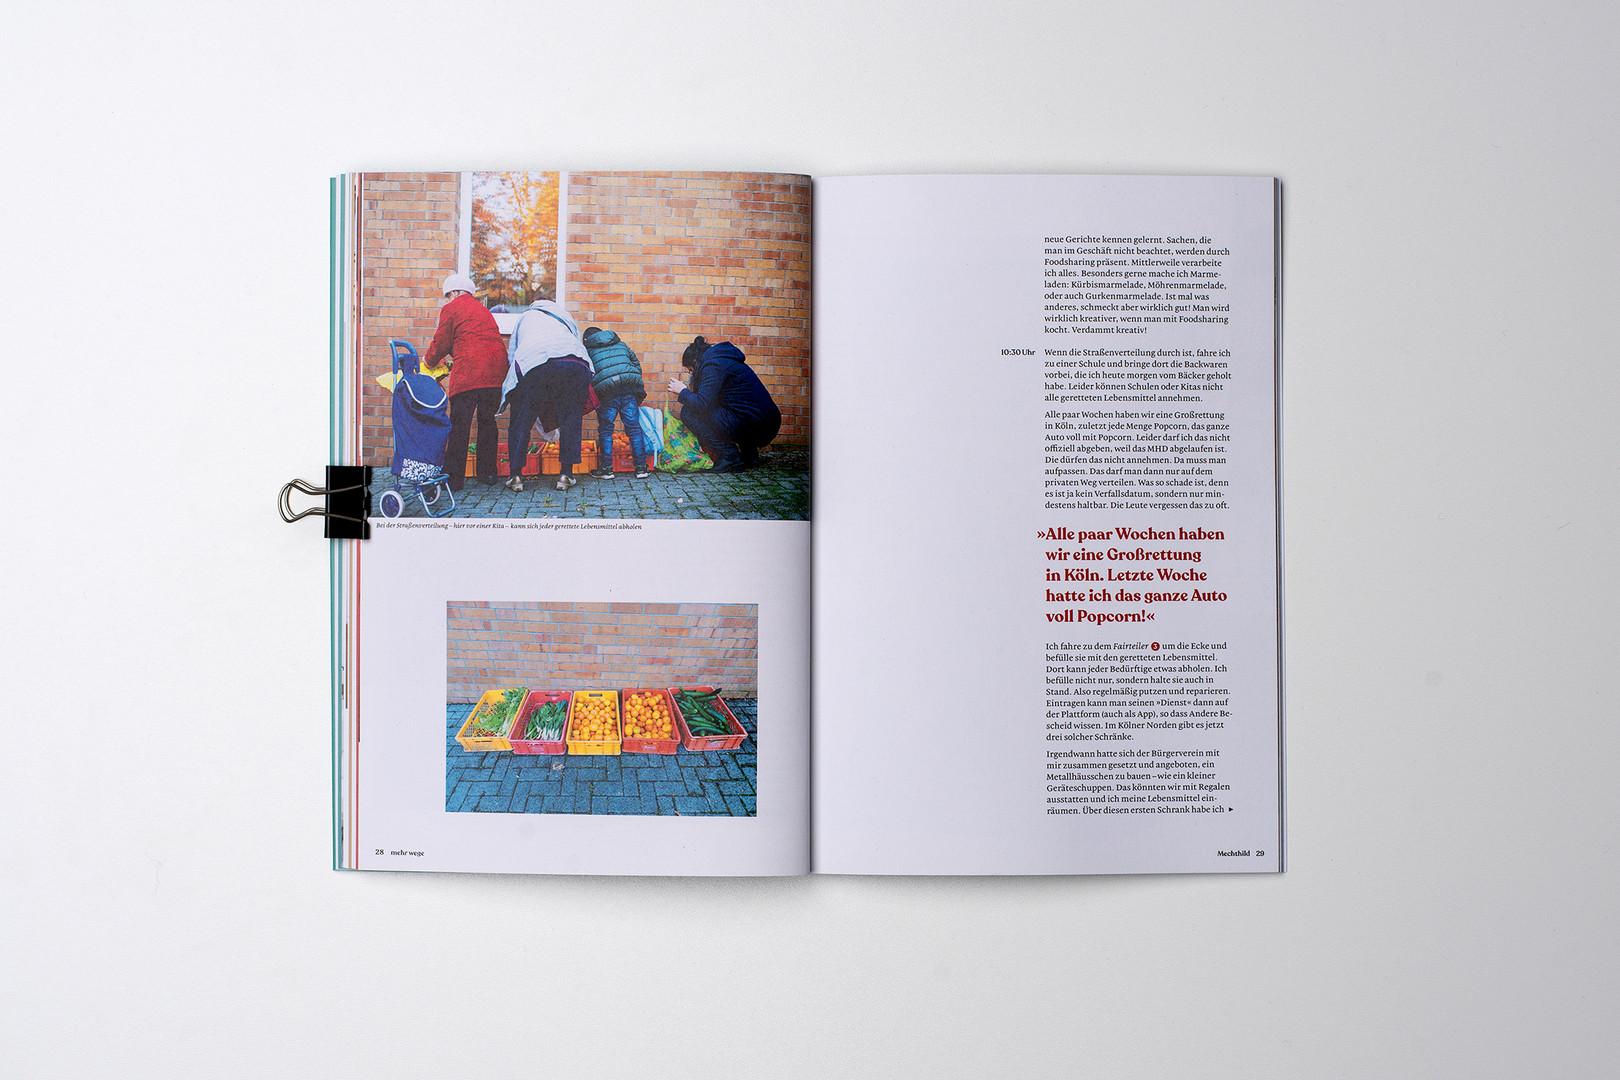 2019-02-13_magazin-mehrwege_046-18_144dp